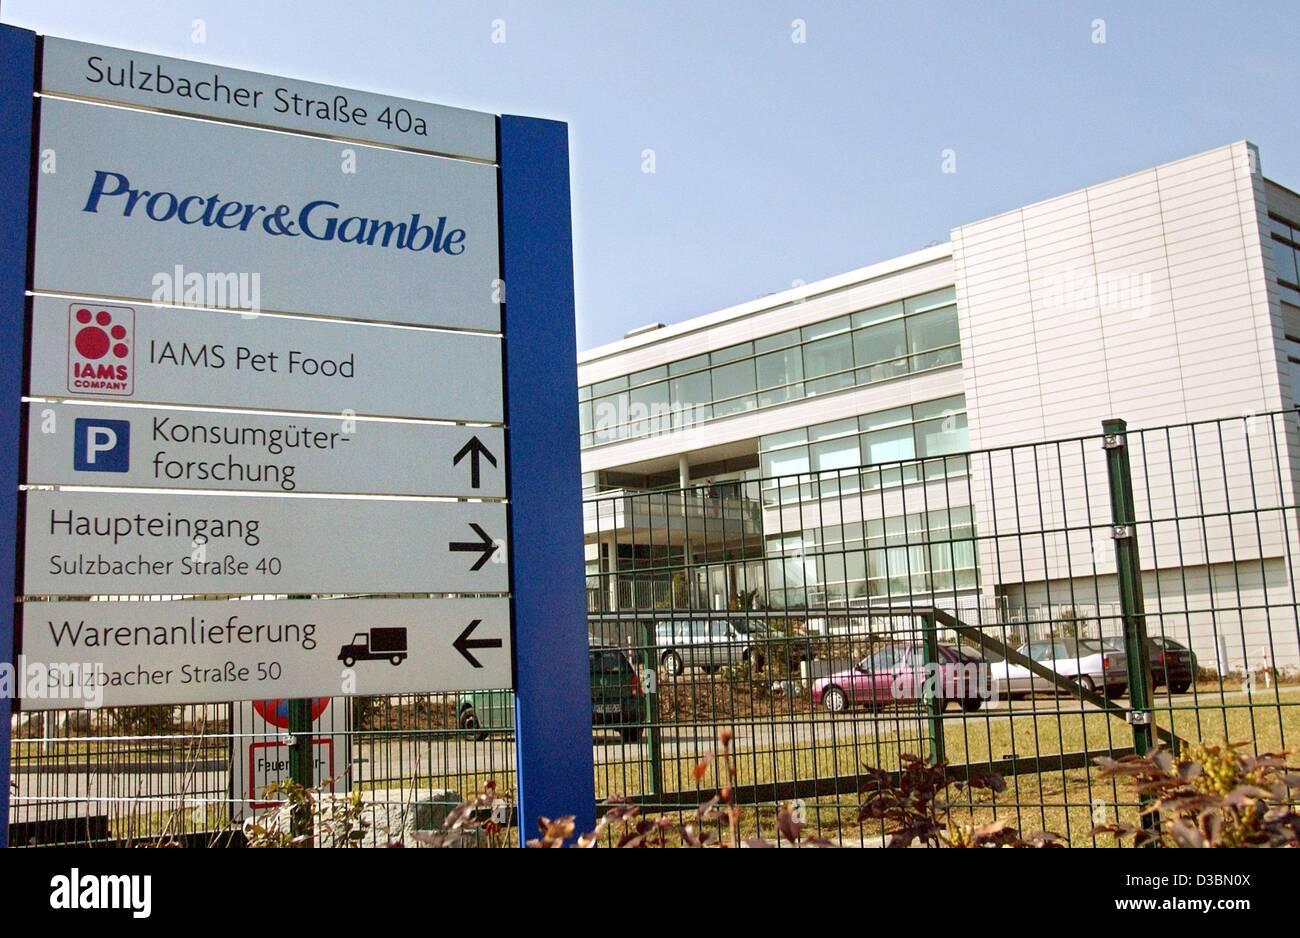 Dpa Das Deutsche Hauptquartier Der Us Konsumgüter Gruppe Procter